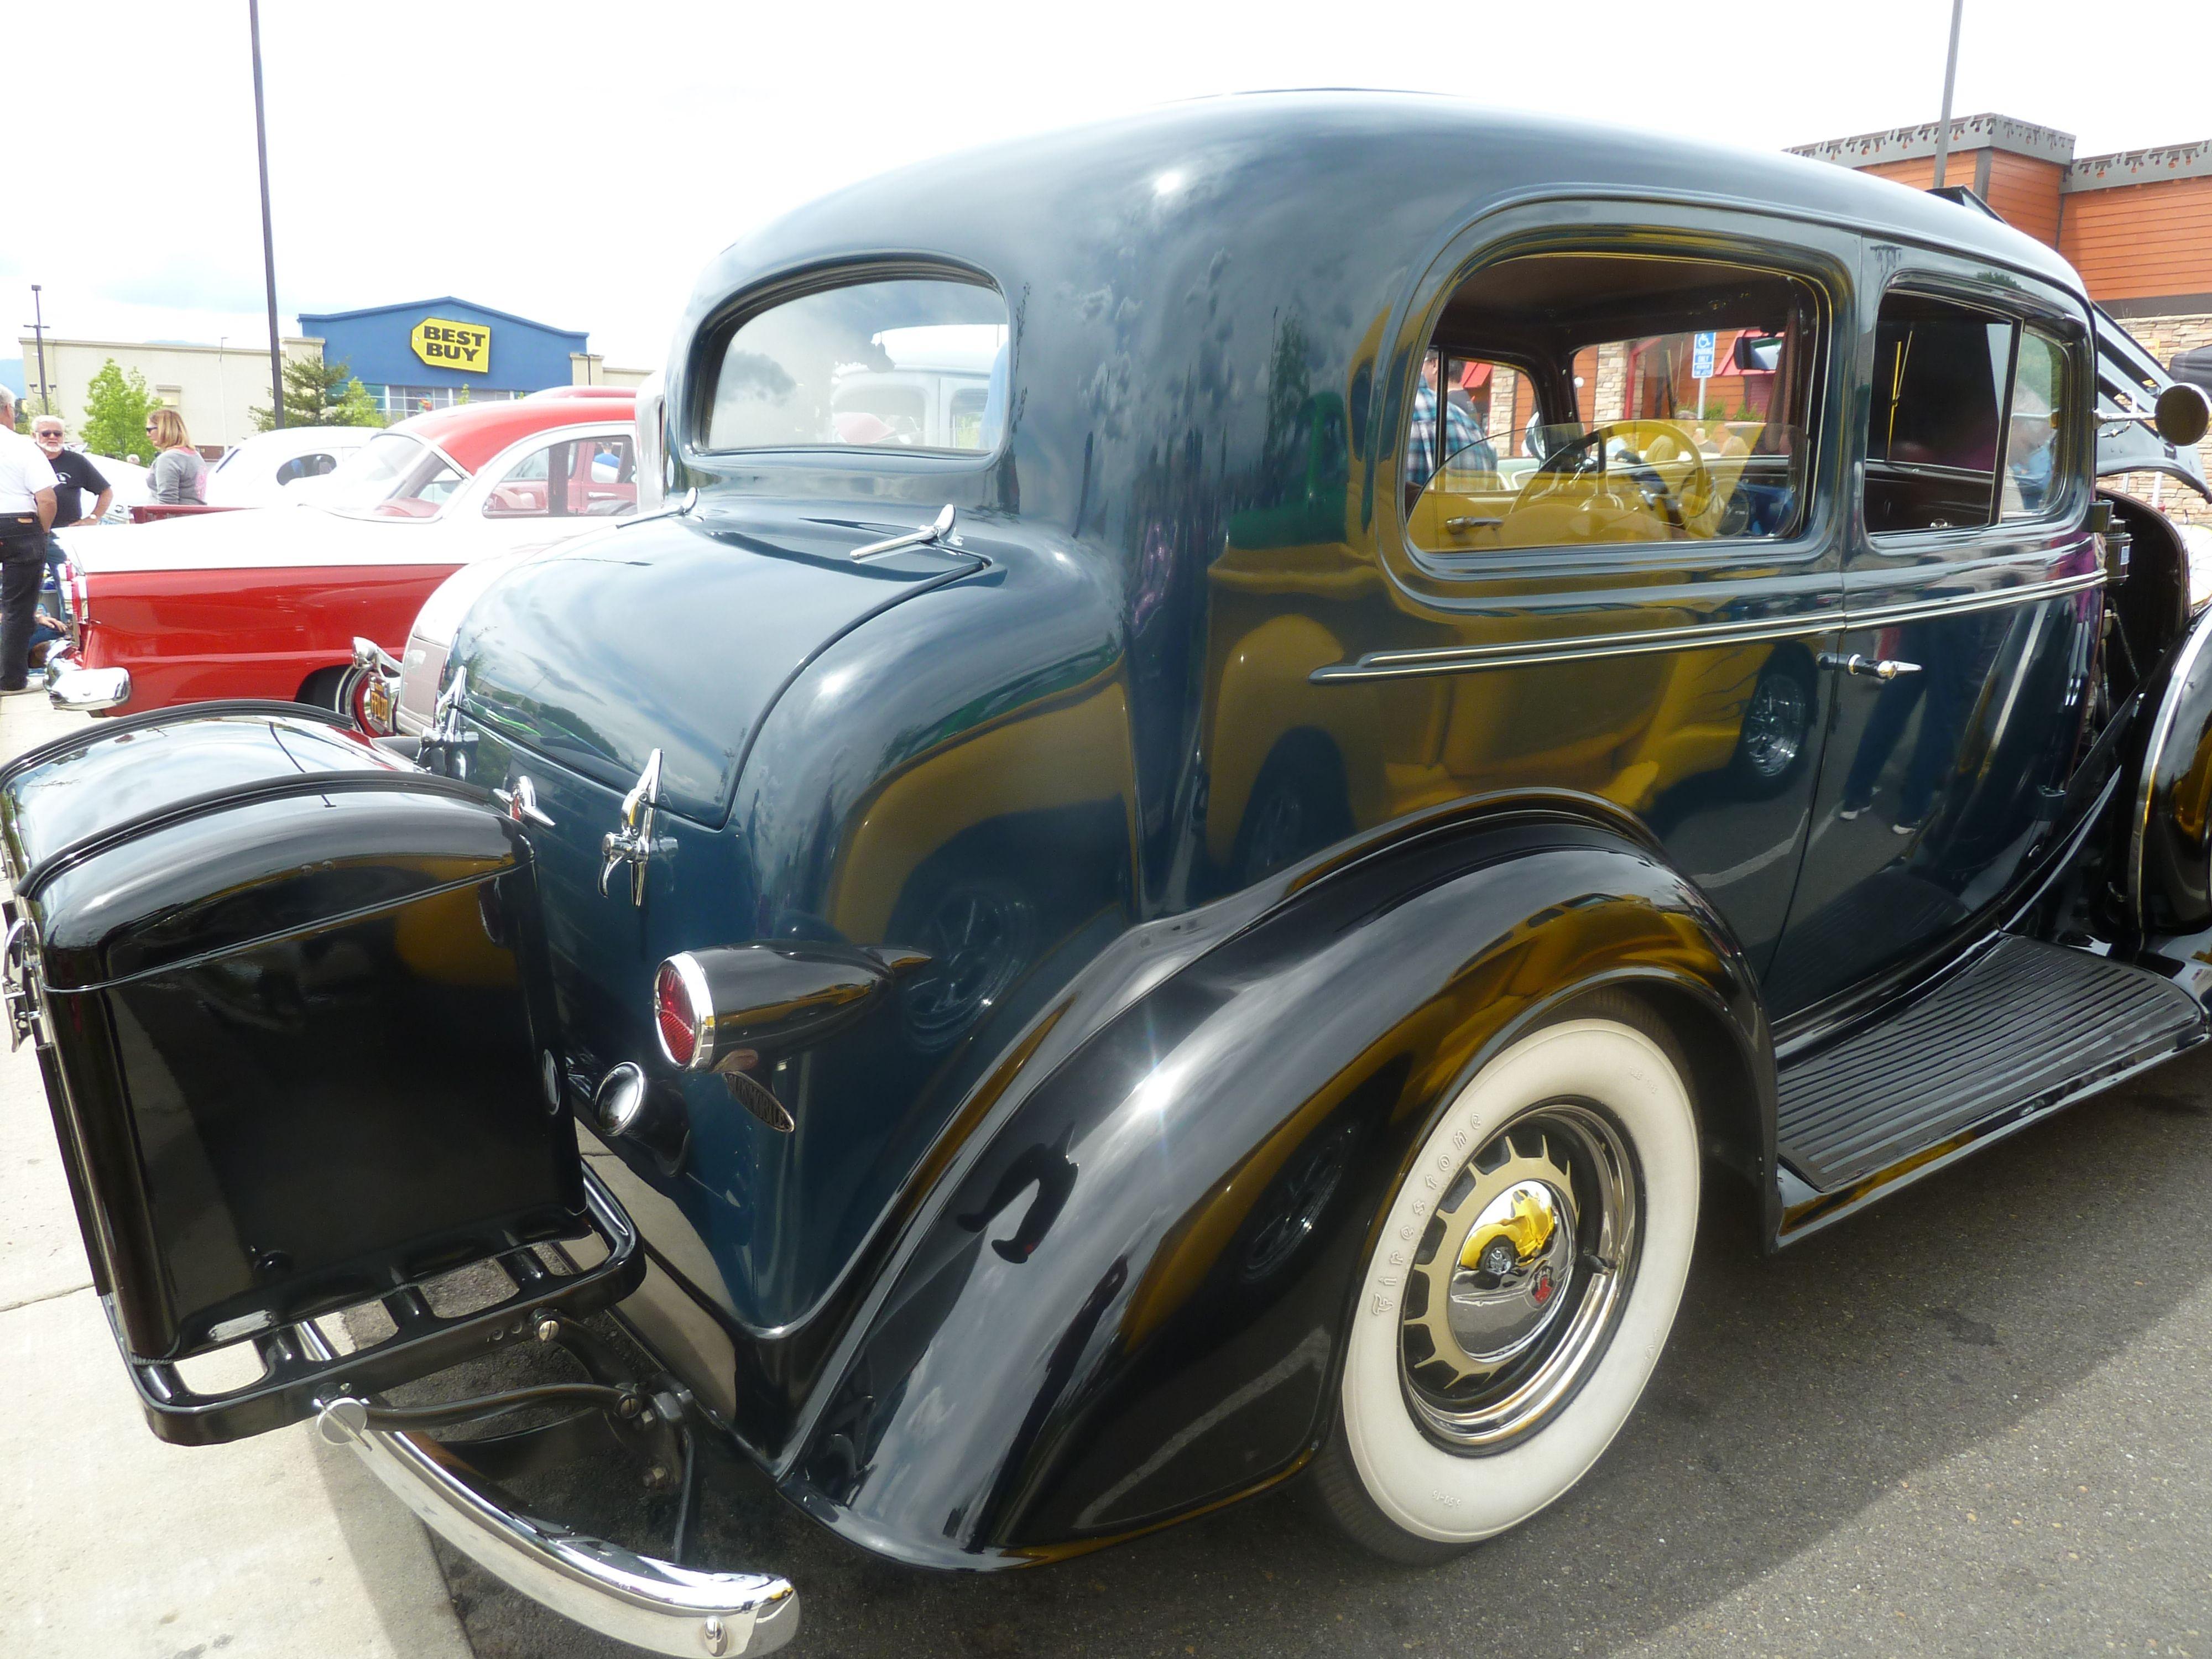 1934 Oldsmobile | Kool April Nites/Redding, CA | Pinterest